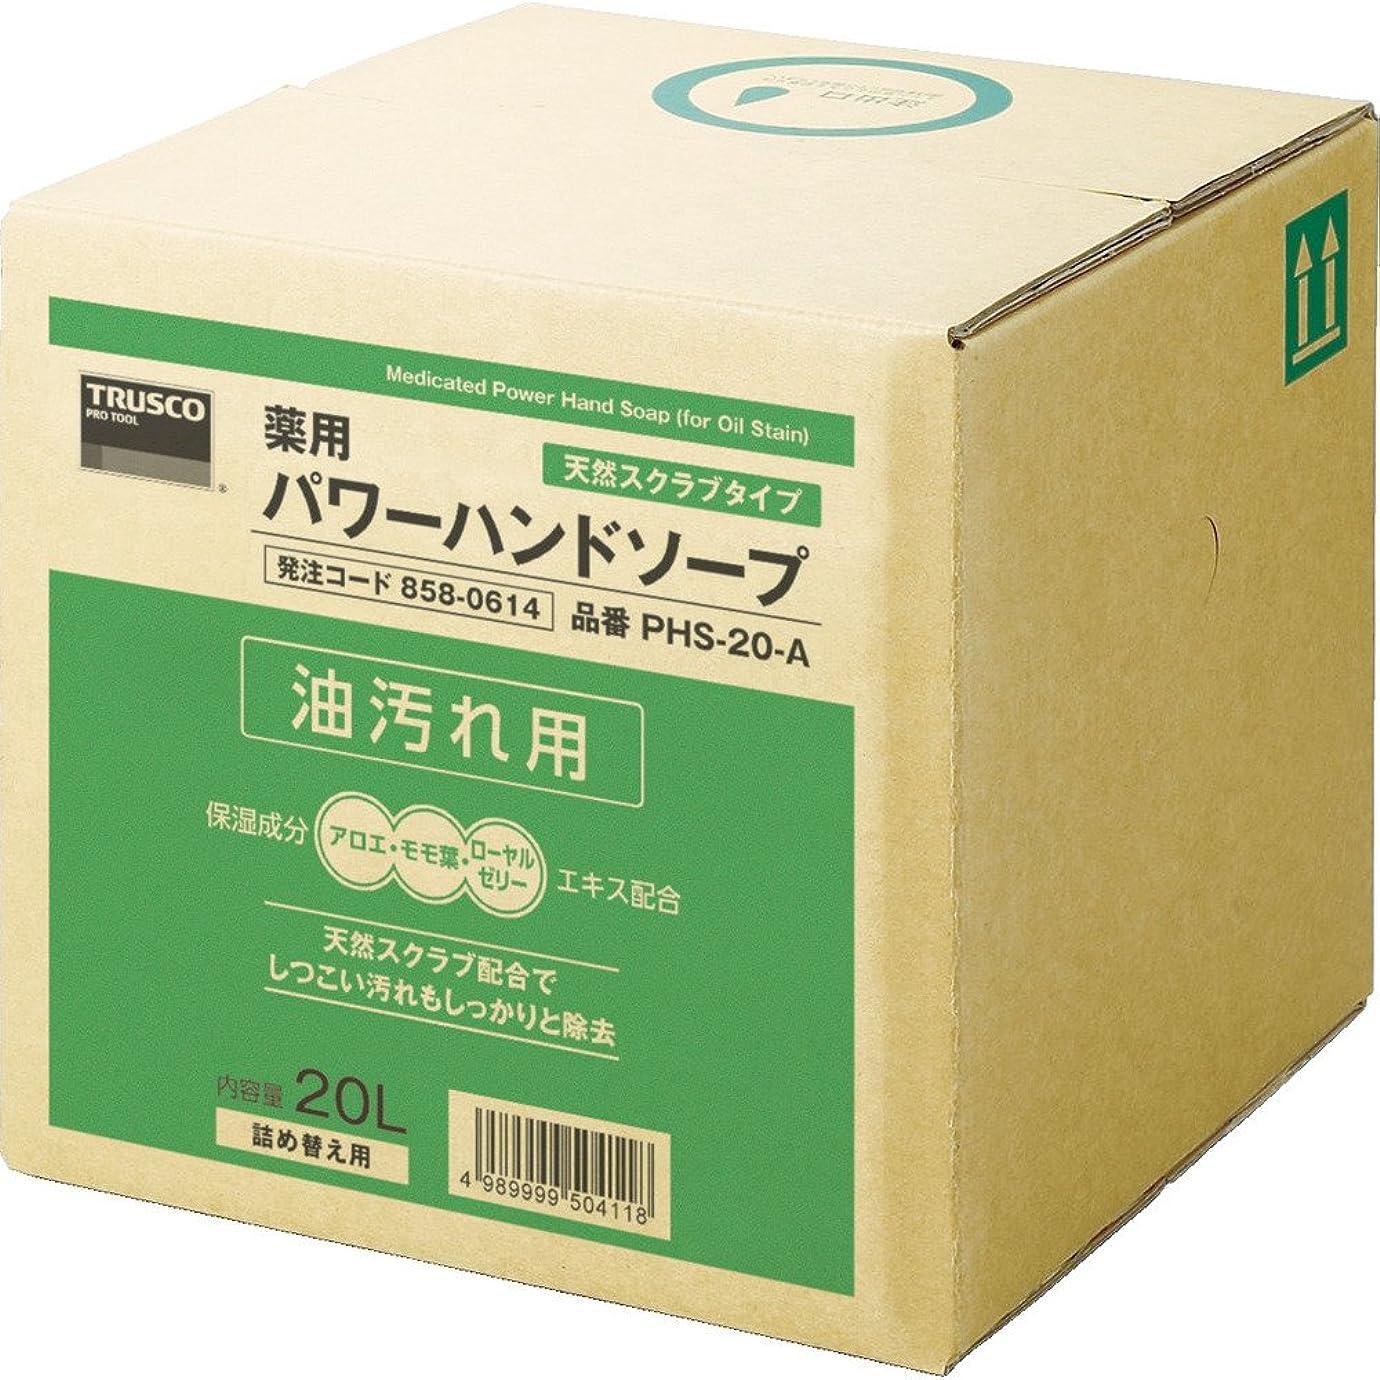 オセアニアビタミン売るTRUSCO(トラスコ) 薬用パワーハンドソープ 20L PHS-20-A